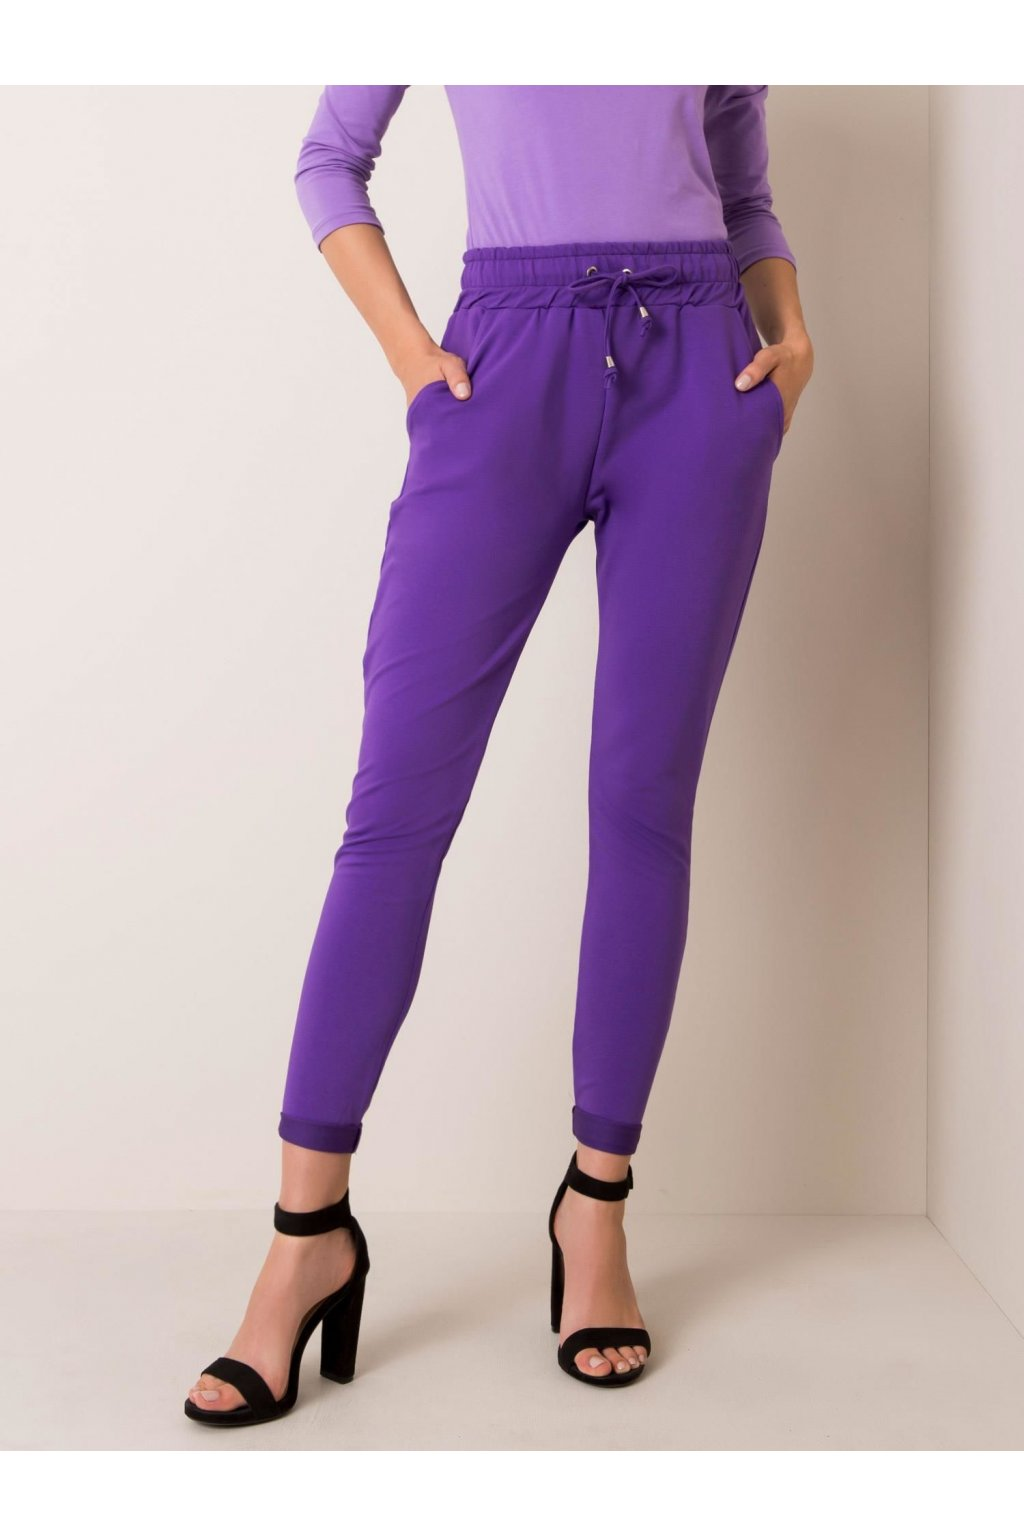 pol pl Fioletowe spodnie Cadence 351911 1